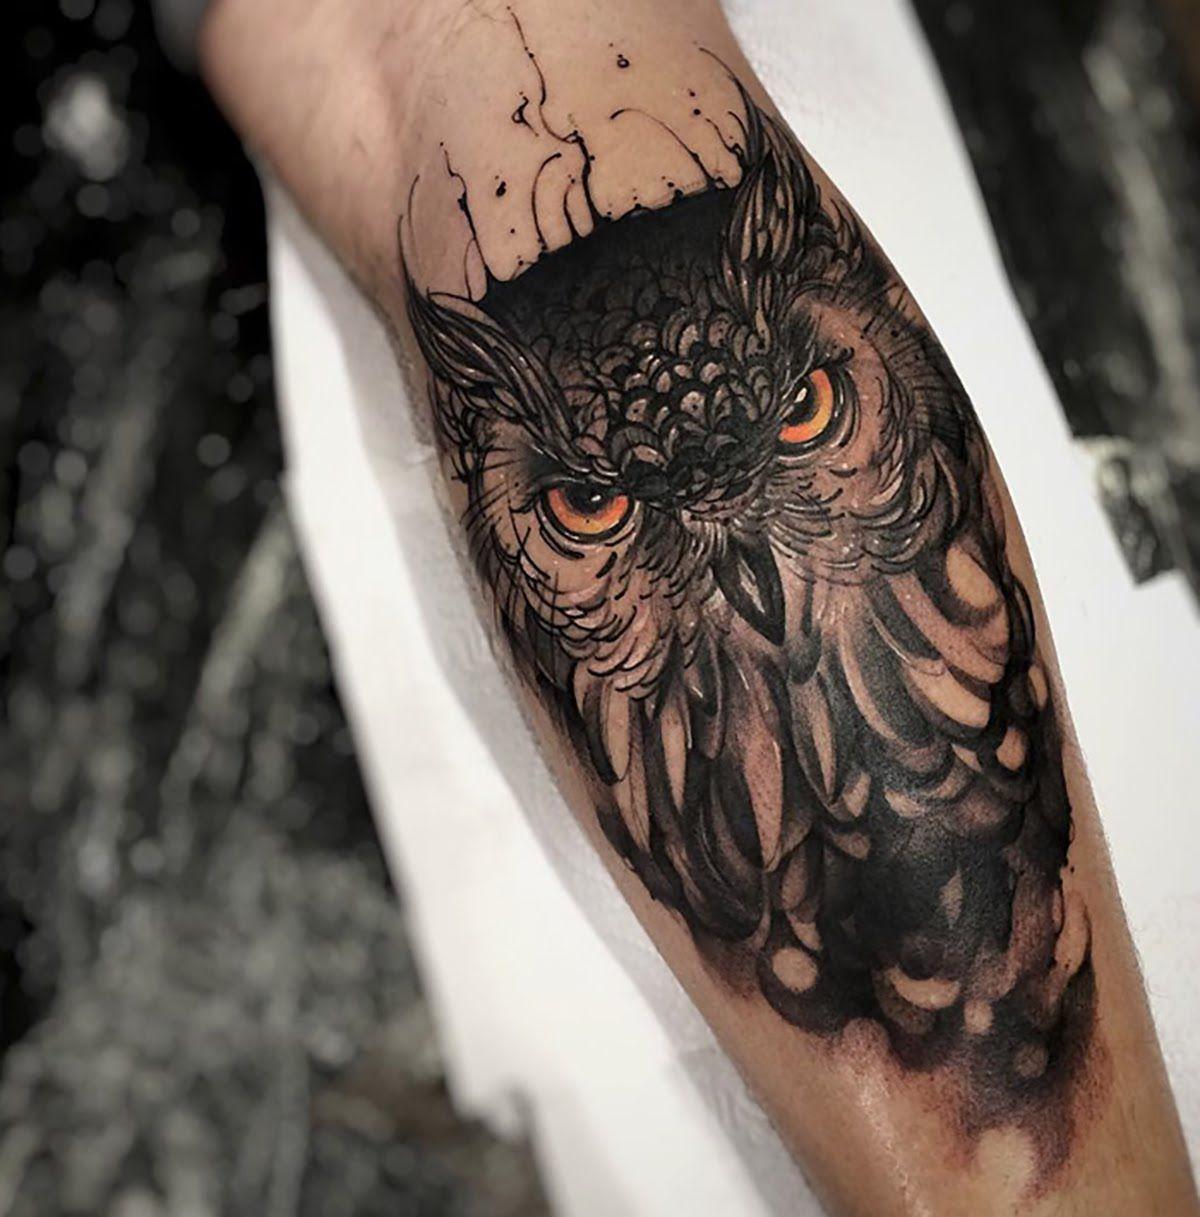 Tatuaje De Búho En Brazo De Hombre Ilustraciones